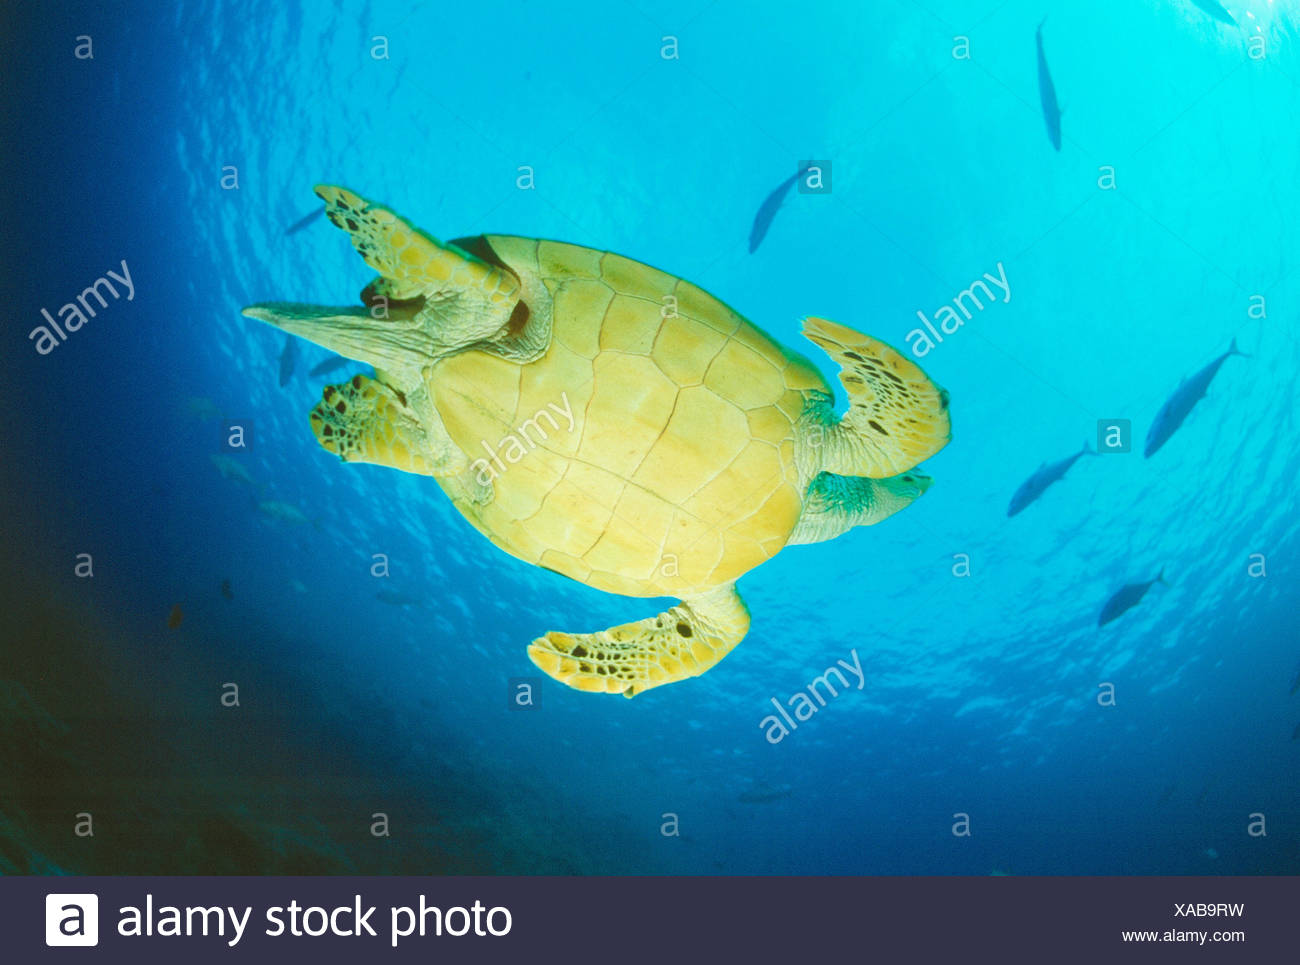 L'Égypte. mer rouge. Vue du dessous de la tortue imbriquée nager sous l'eau. Photo Stock